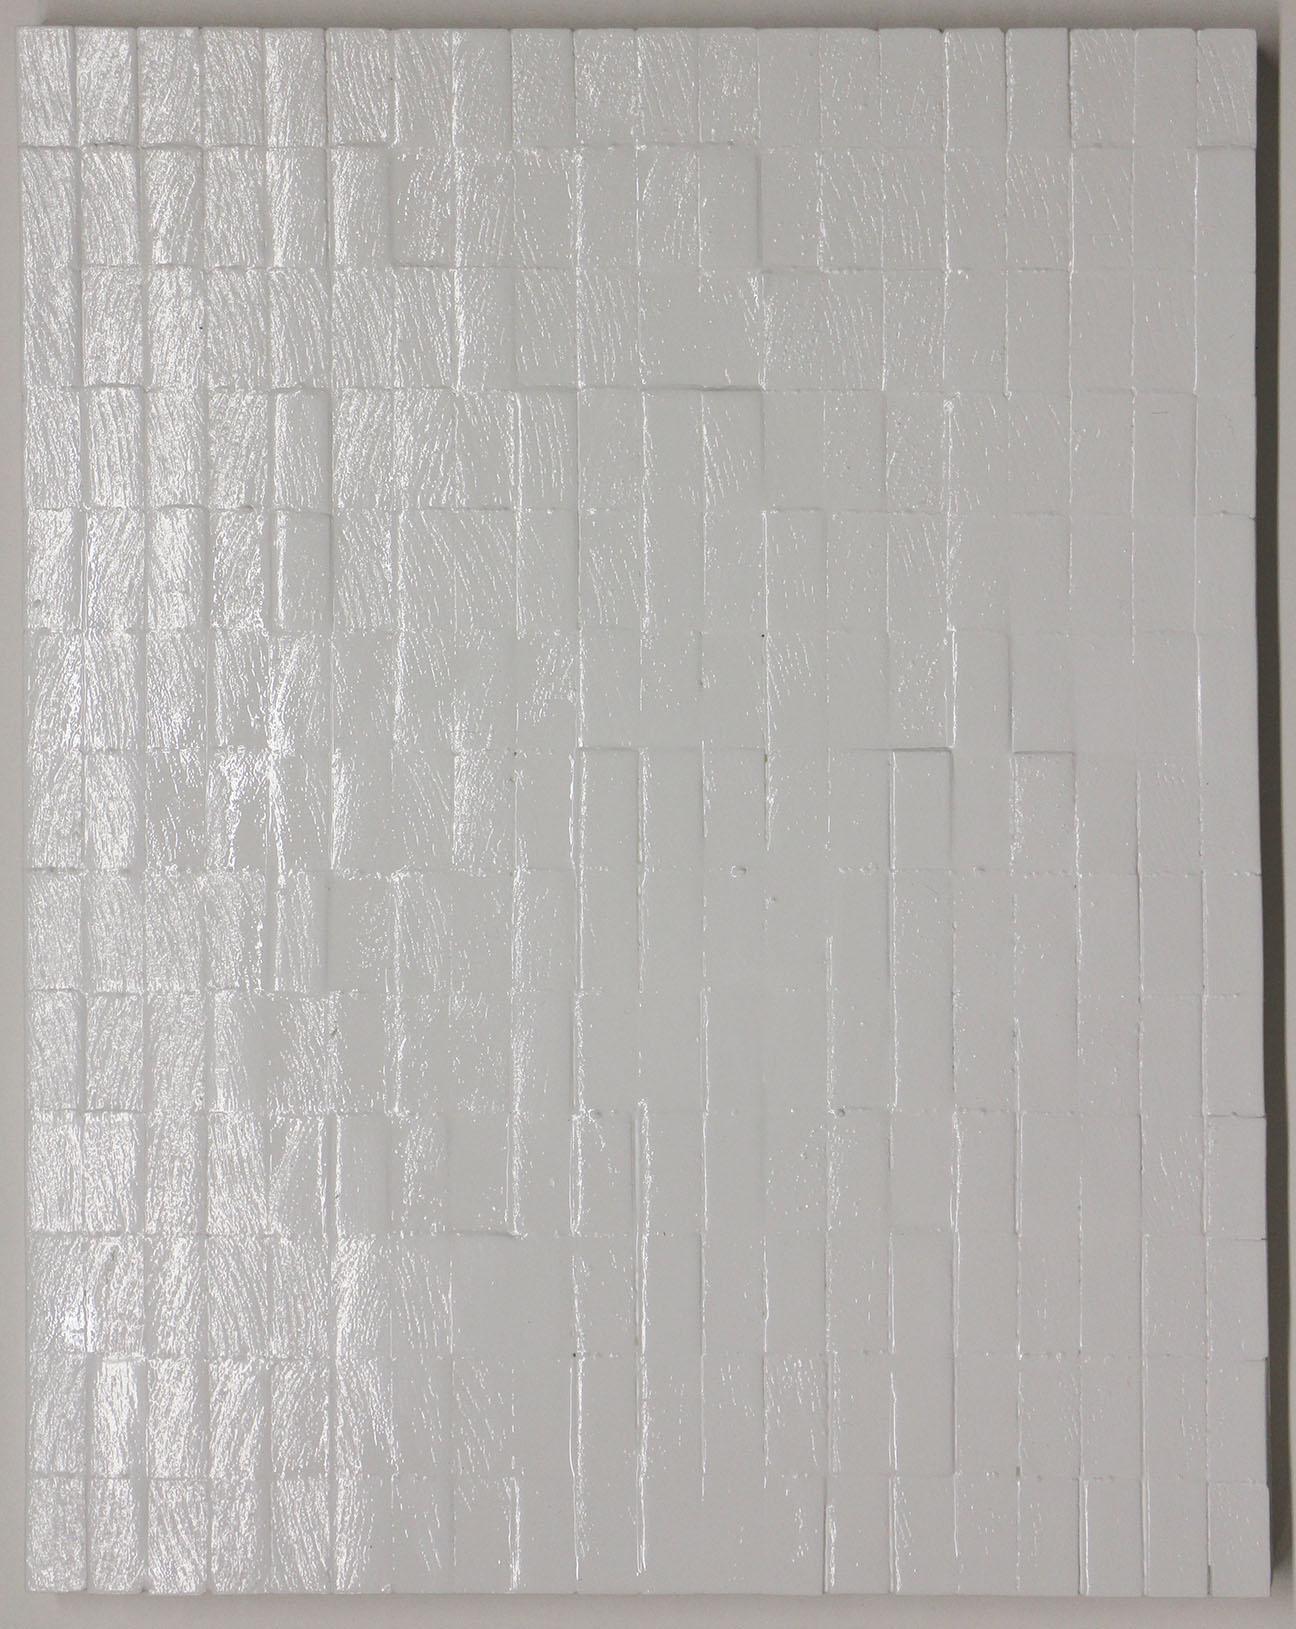 White Painting 1 11.30.14